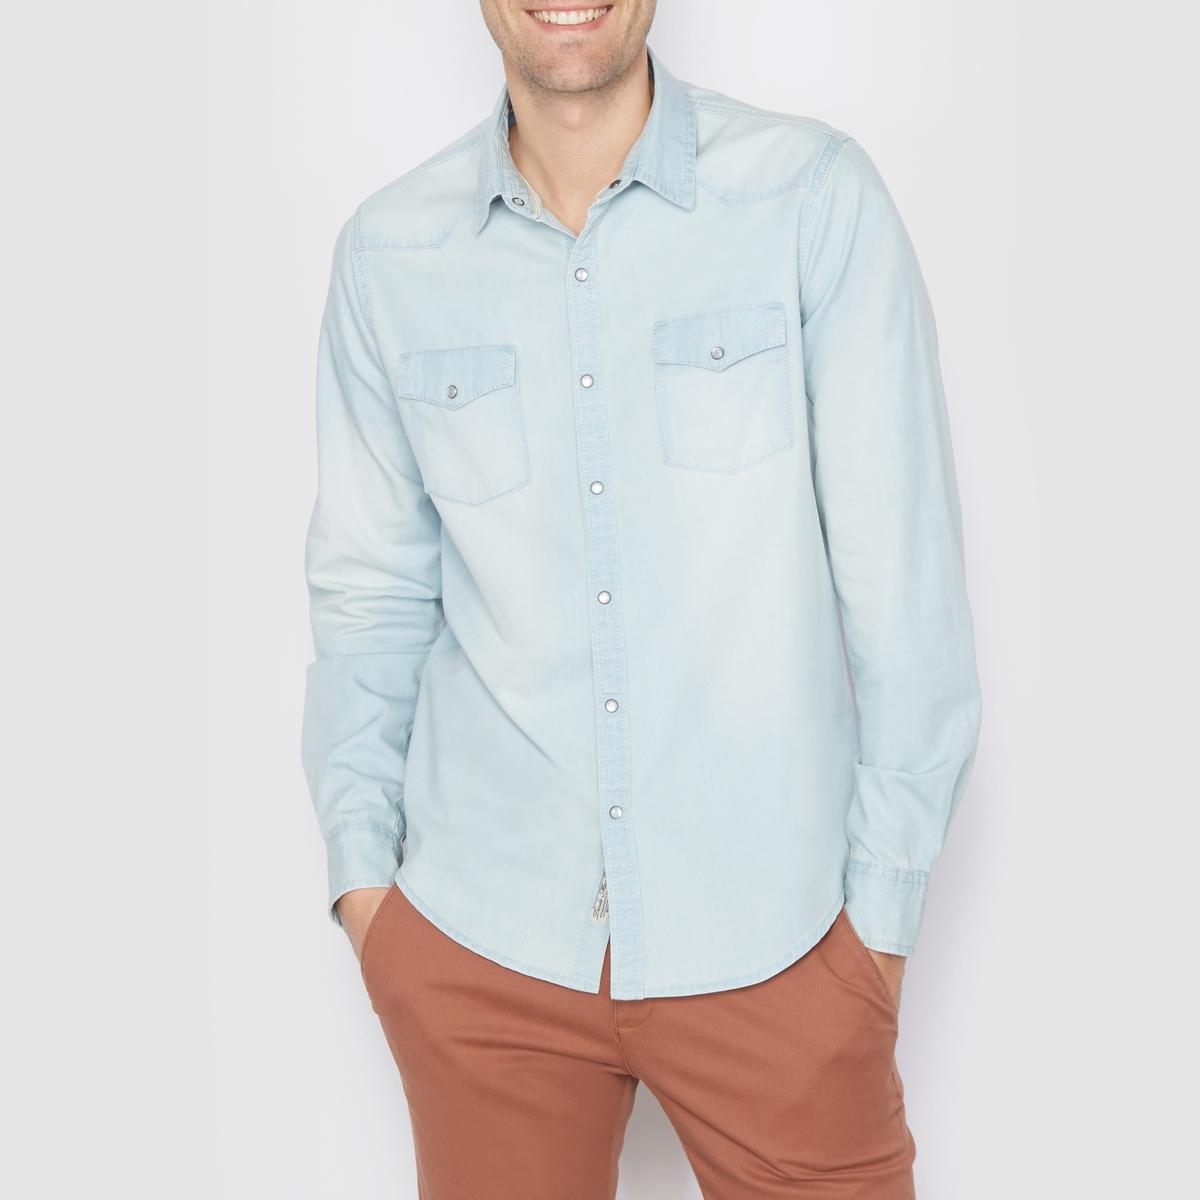 Рубашка джинсовая стандартного покроя. Длинные рукаваРубашка из денима, 100% хлопка . Стандартный (прямой) покрой  . В стиле вестерн . Застежка на кнопки . 2 нагрудных кармана с клапанами на кнопках . Длинные рукава . Длина 77 см .<br><br>Цвет: выбеленный<br>Размер: 39/40.45/46.47/48